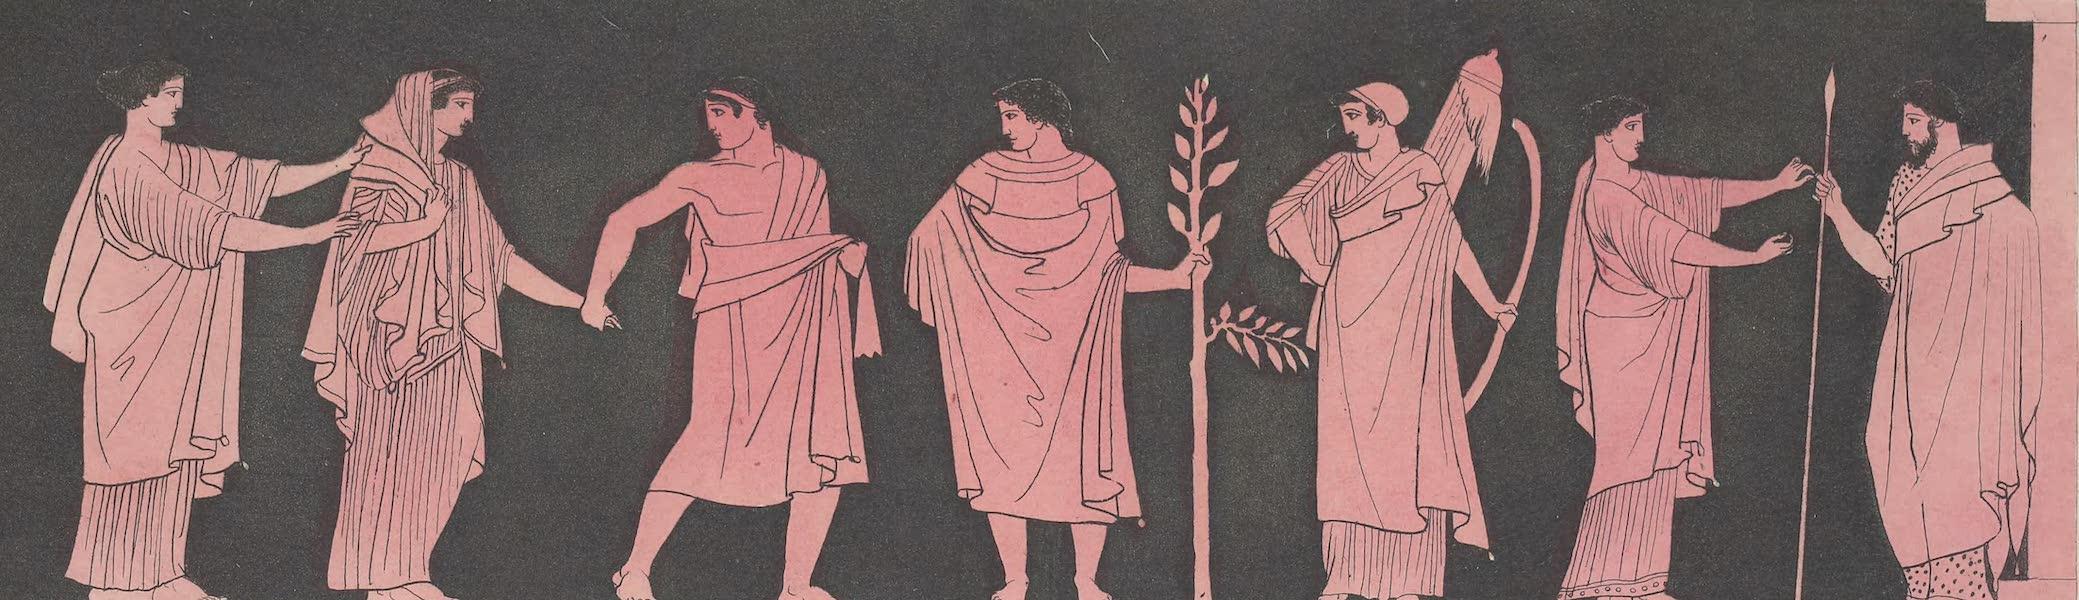 Le Costume Ancien et Moderne [Europe] Vol. 1, Pt. 1 - LXVIII. Secondes noces (1817)